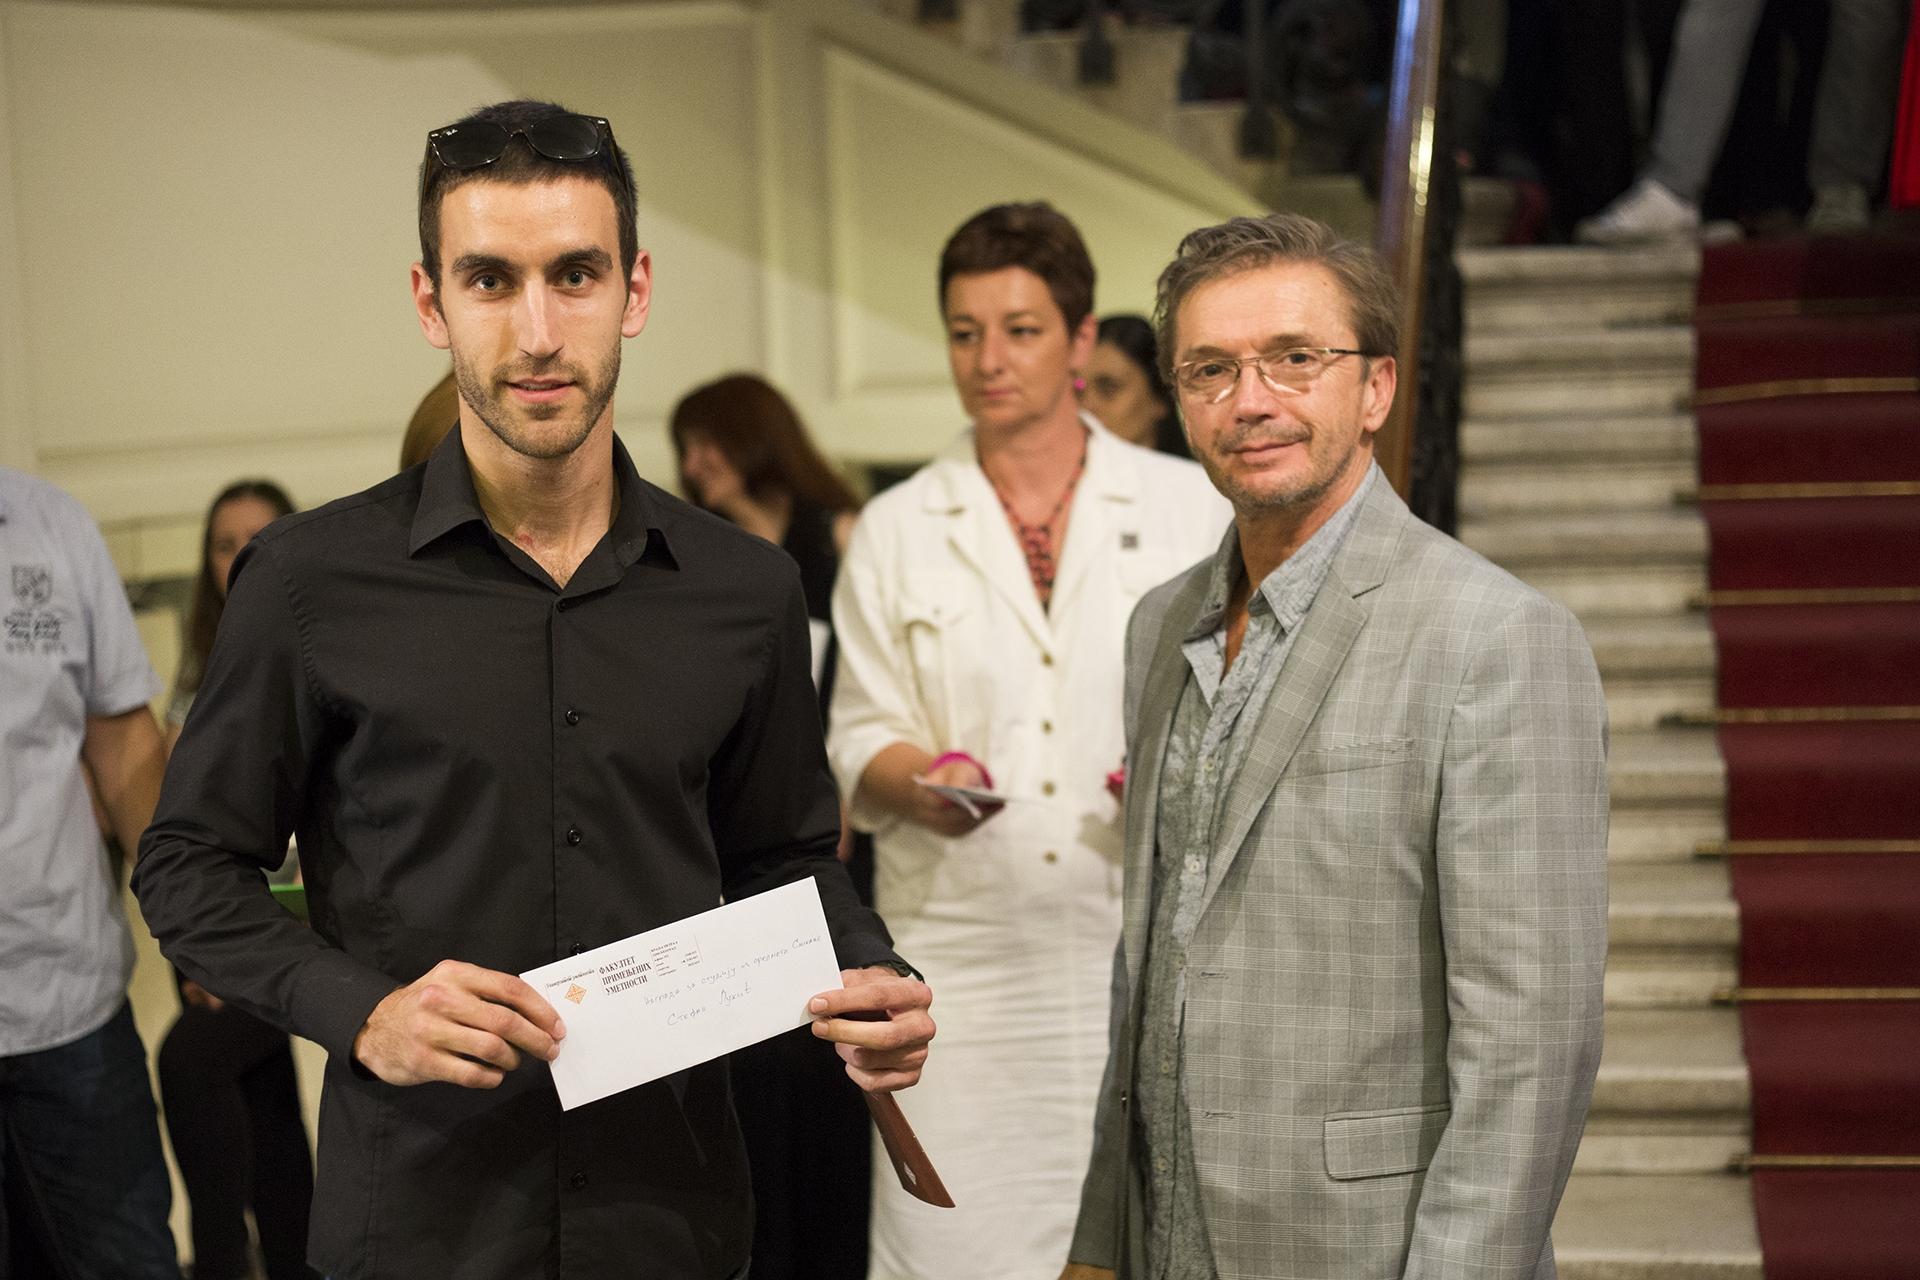 Posle nagrade Fakulteta primenjenih umetnosti, Stefan Lukić je prvi student ove institucije koji odlazi na Francusku akademiju umetnosti Foto--privatni album S.L.